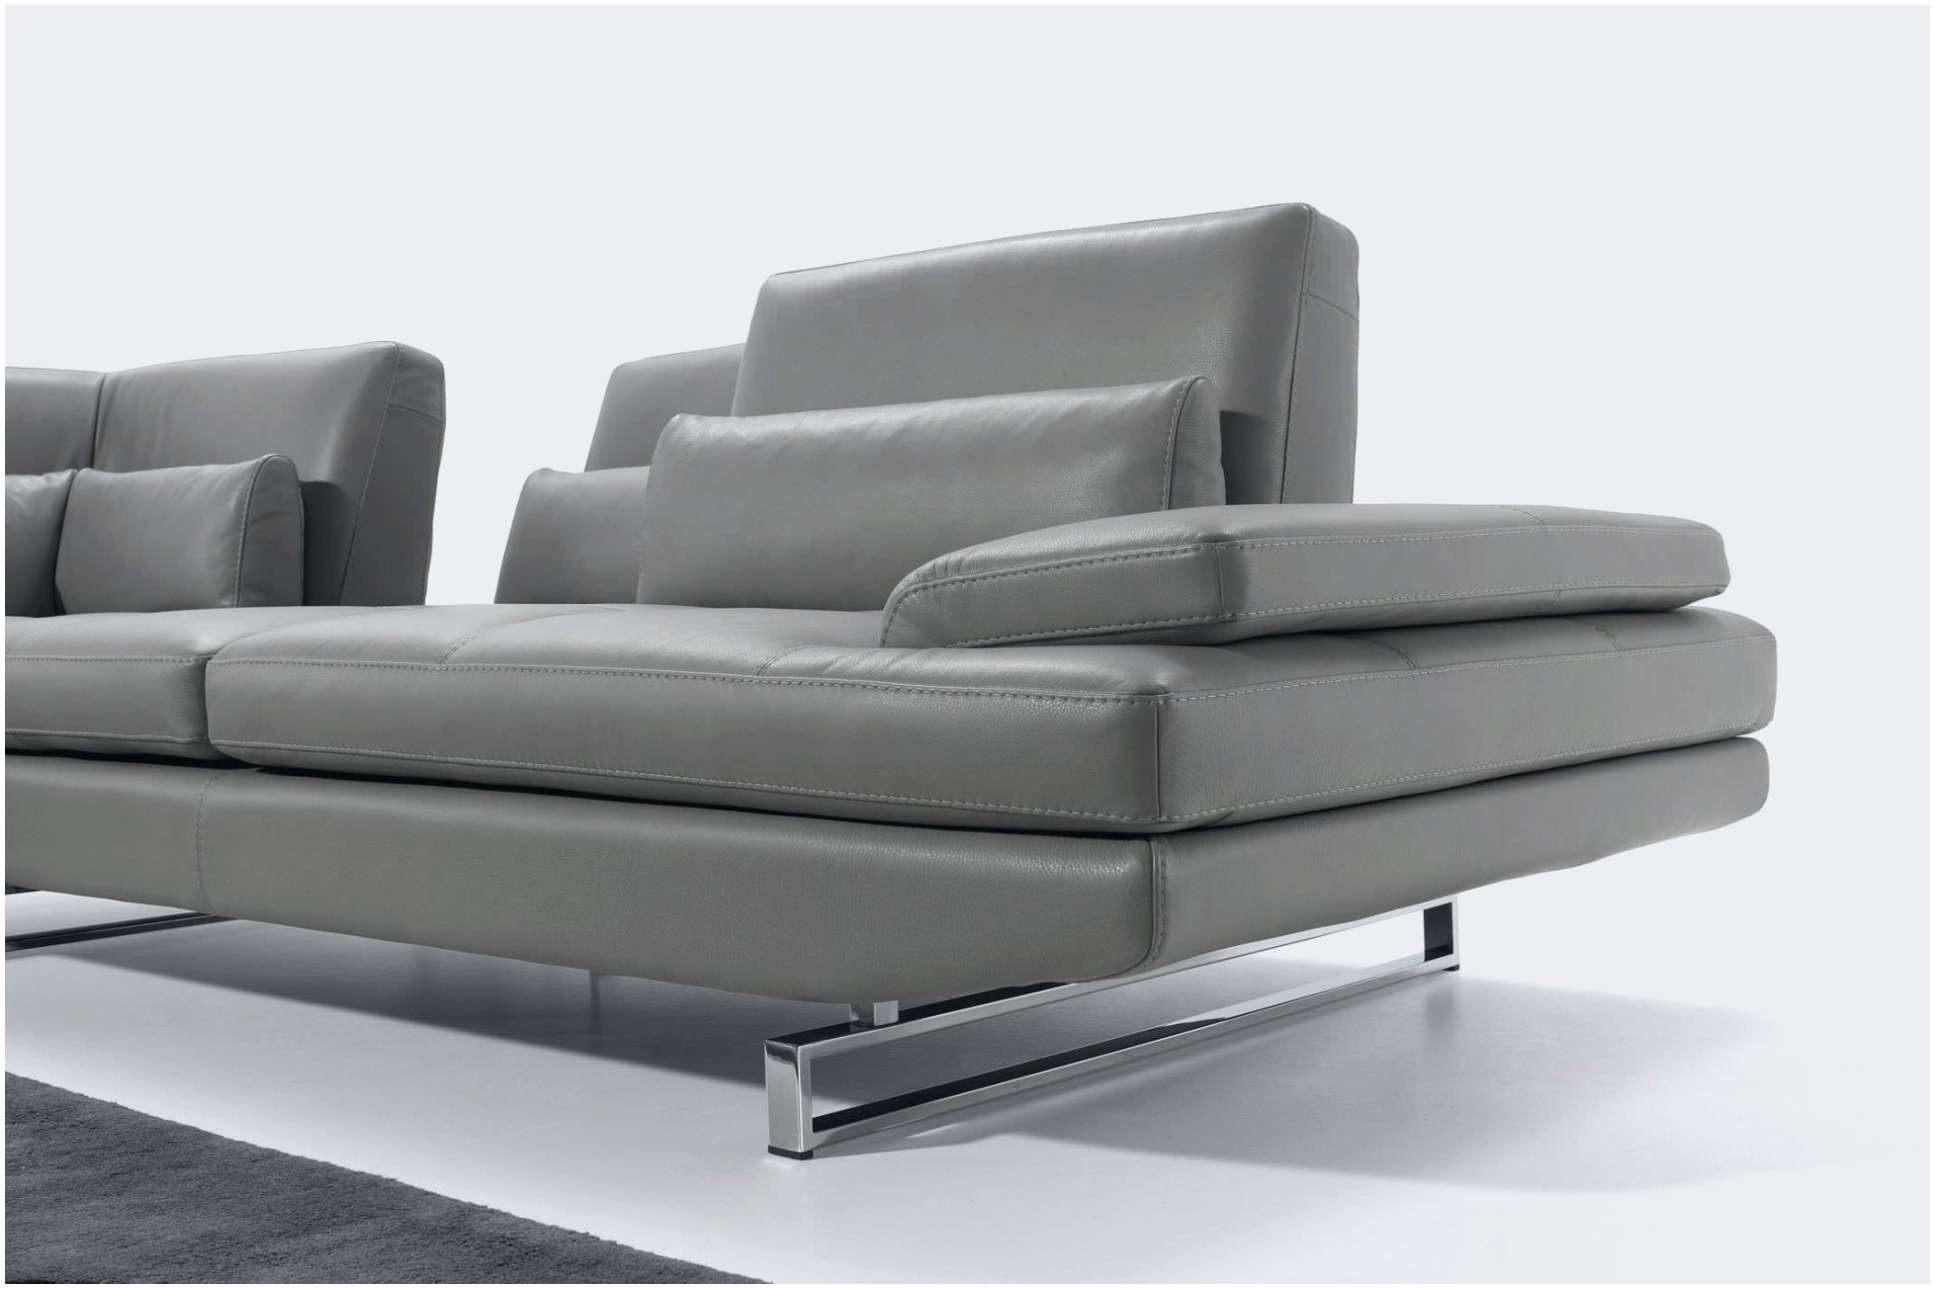 Canapé Lit Convertible Ikea Agréable Elégant 32 Meilleures Canapé Convertible Simili Cuir Ikea Pour